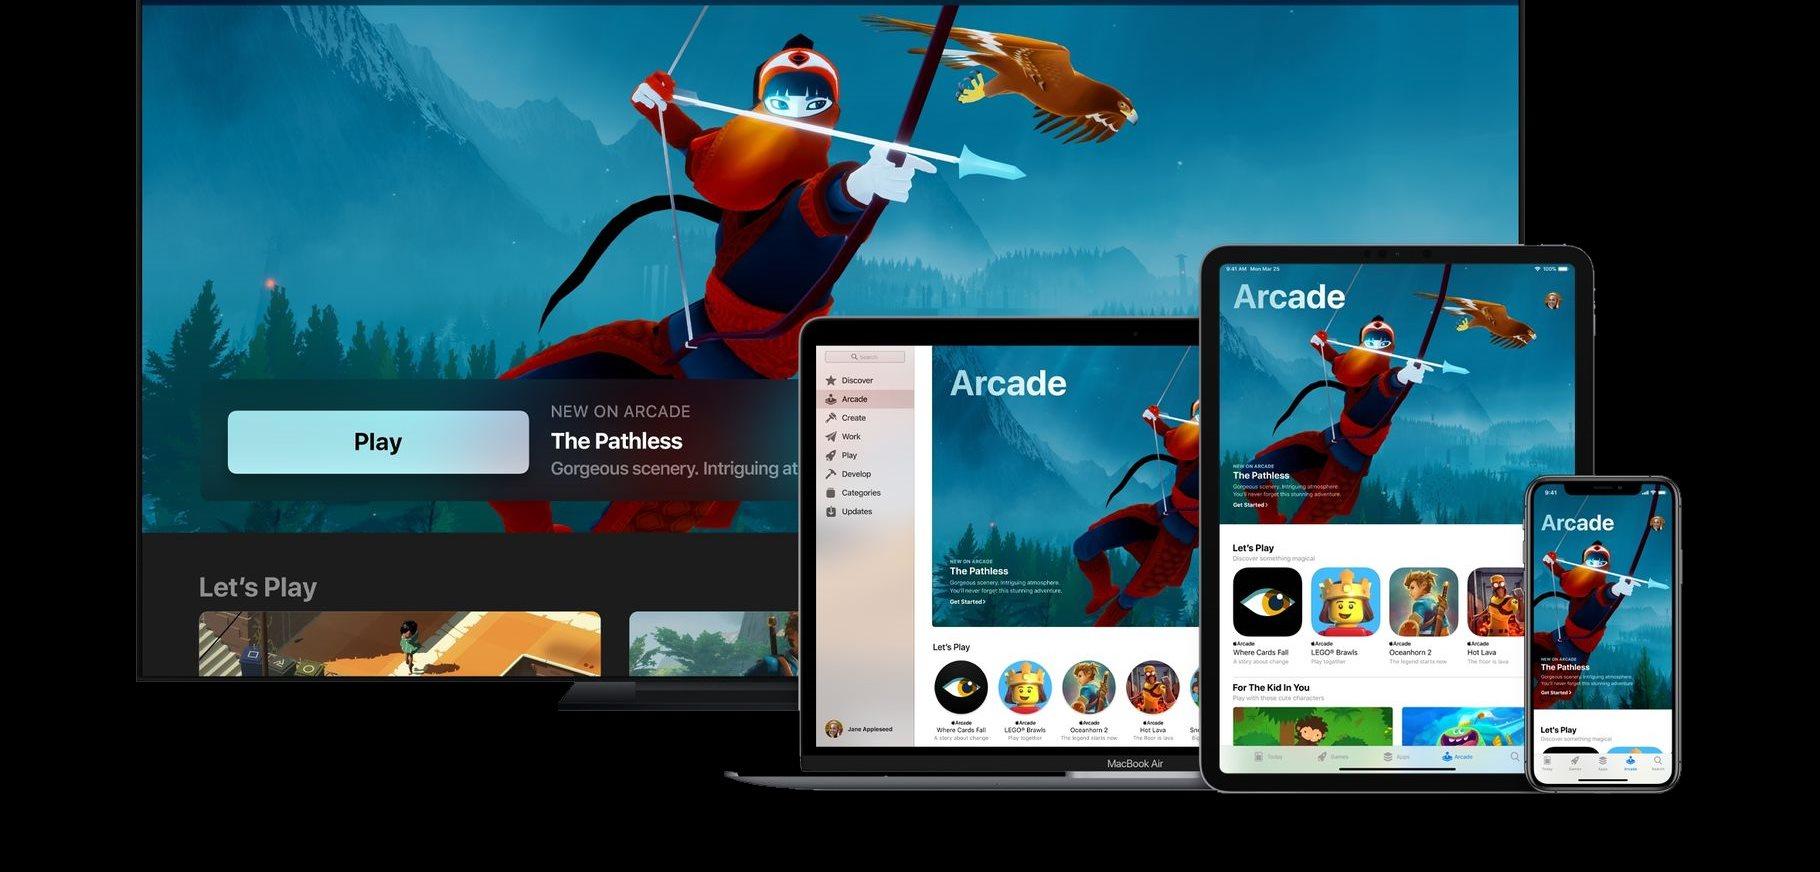 Apple kündigt mit Arcade ein neues Spiele-Abo an – mit einem entscheidenden Vorteil